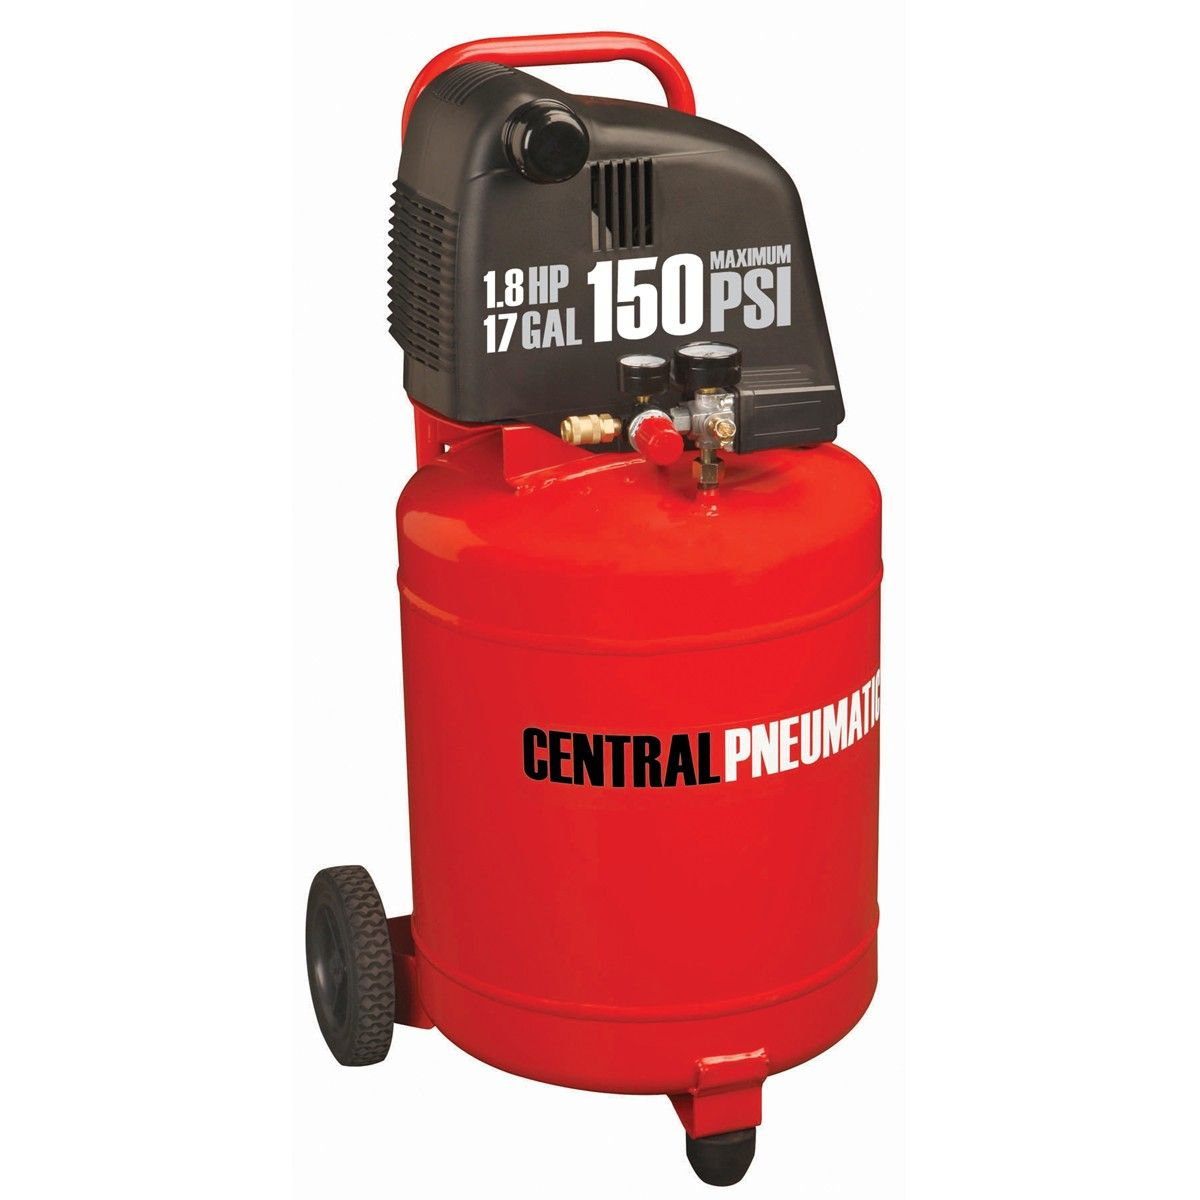 17 gal  1 8 HP 150 PSI Oil-Free Air Compressor in 2019 | Tools | Air